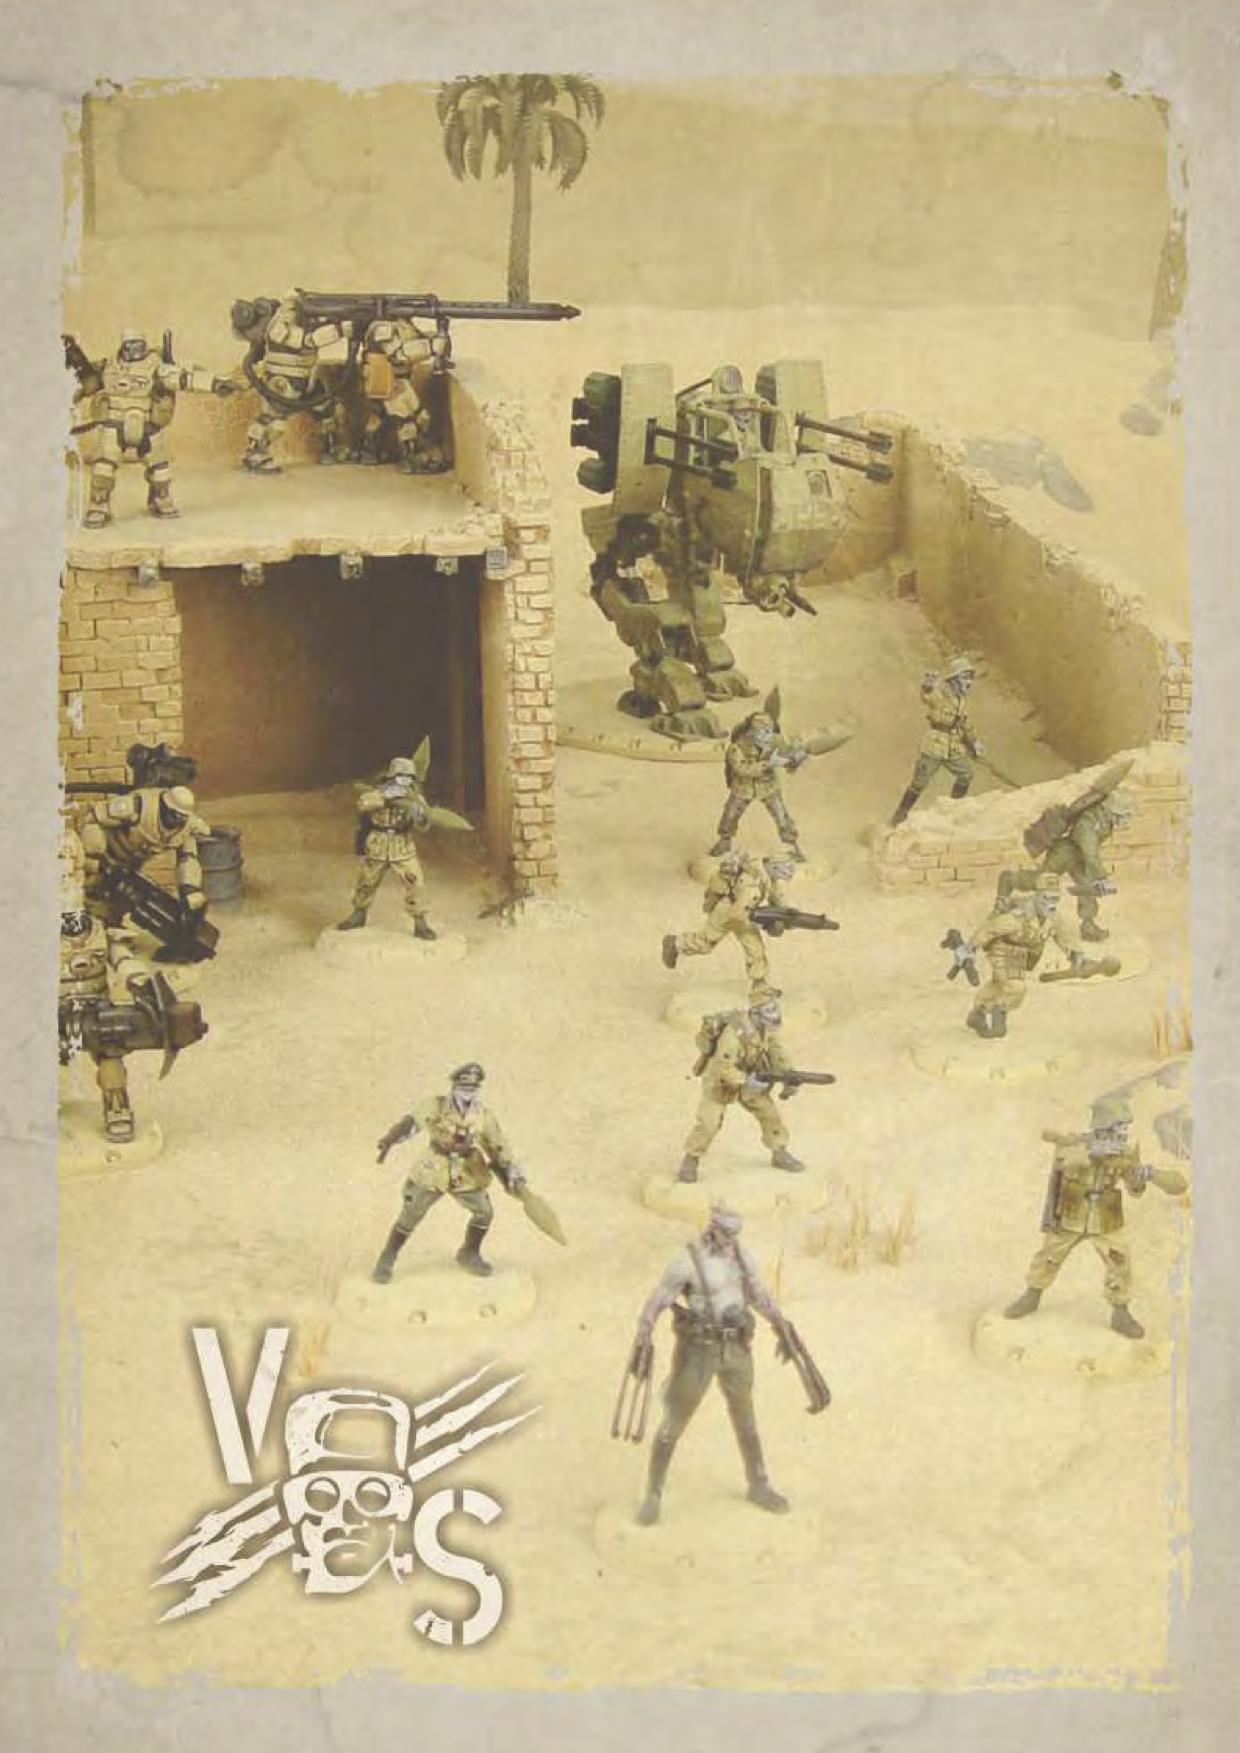 VSplat1.jpg